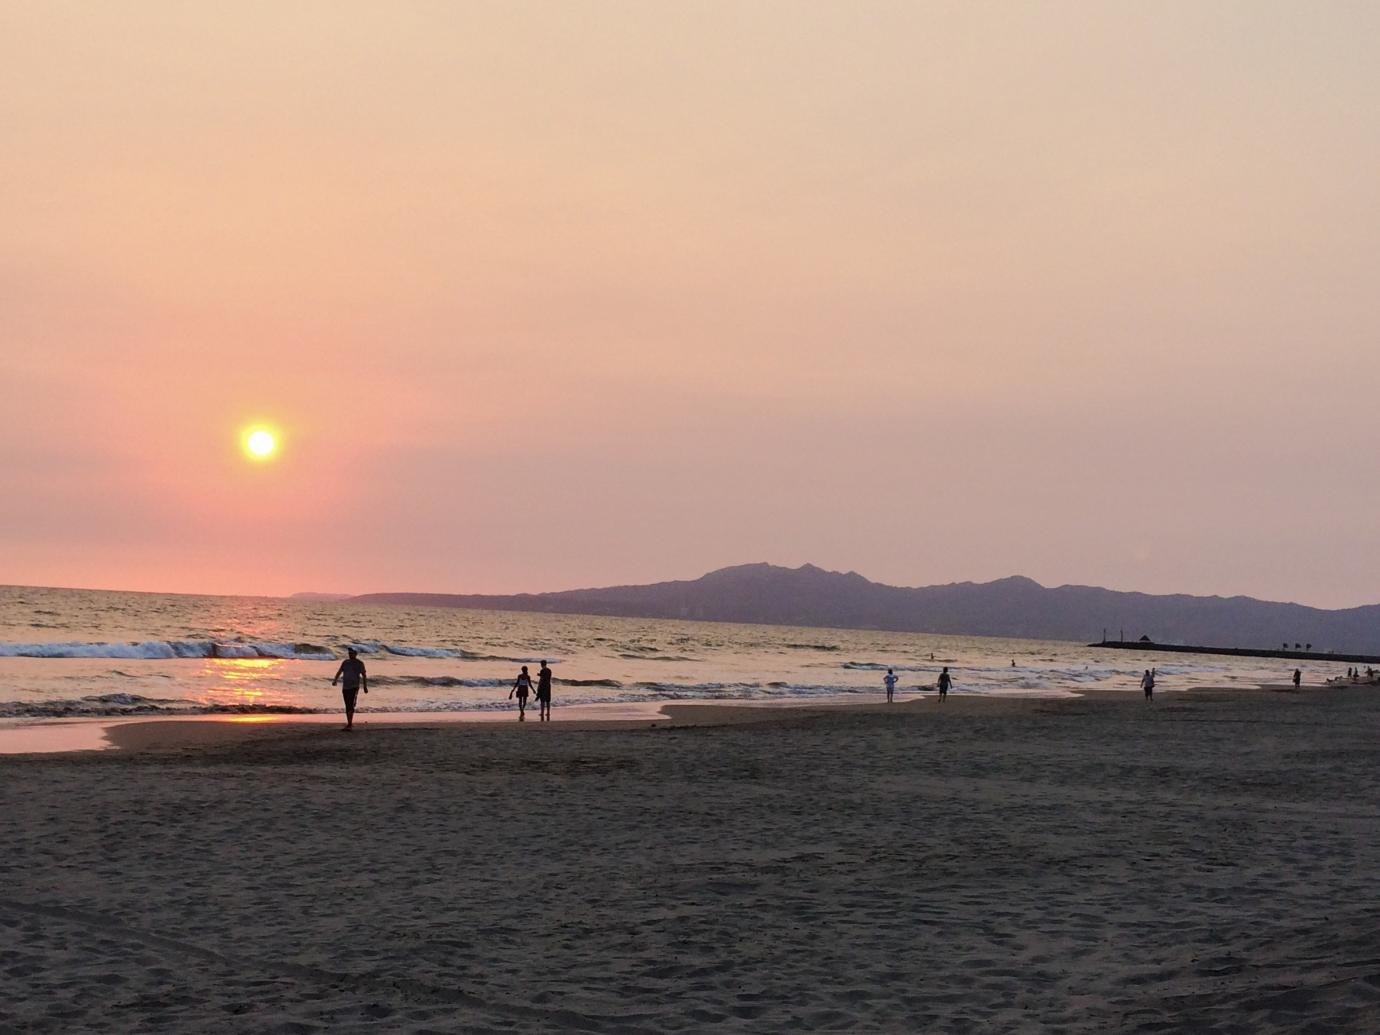 Sunset on the beach in Puerto Vallarta